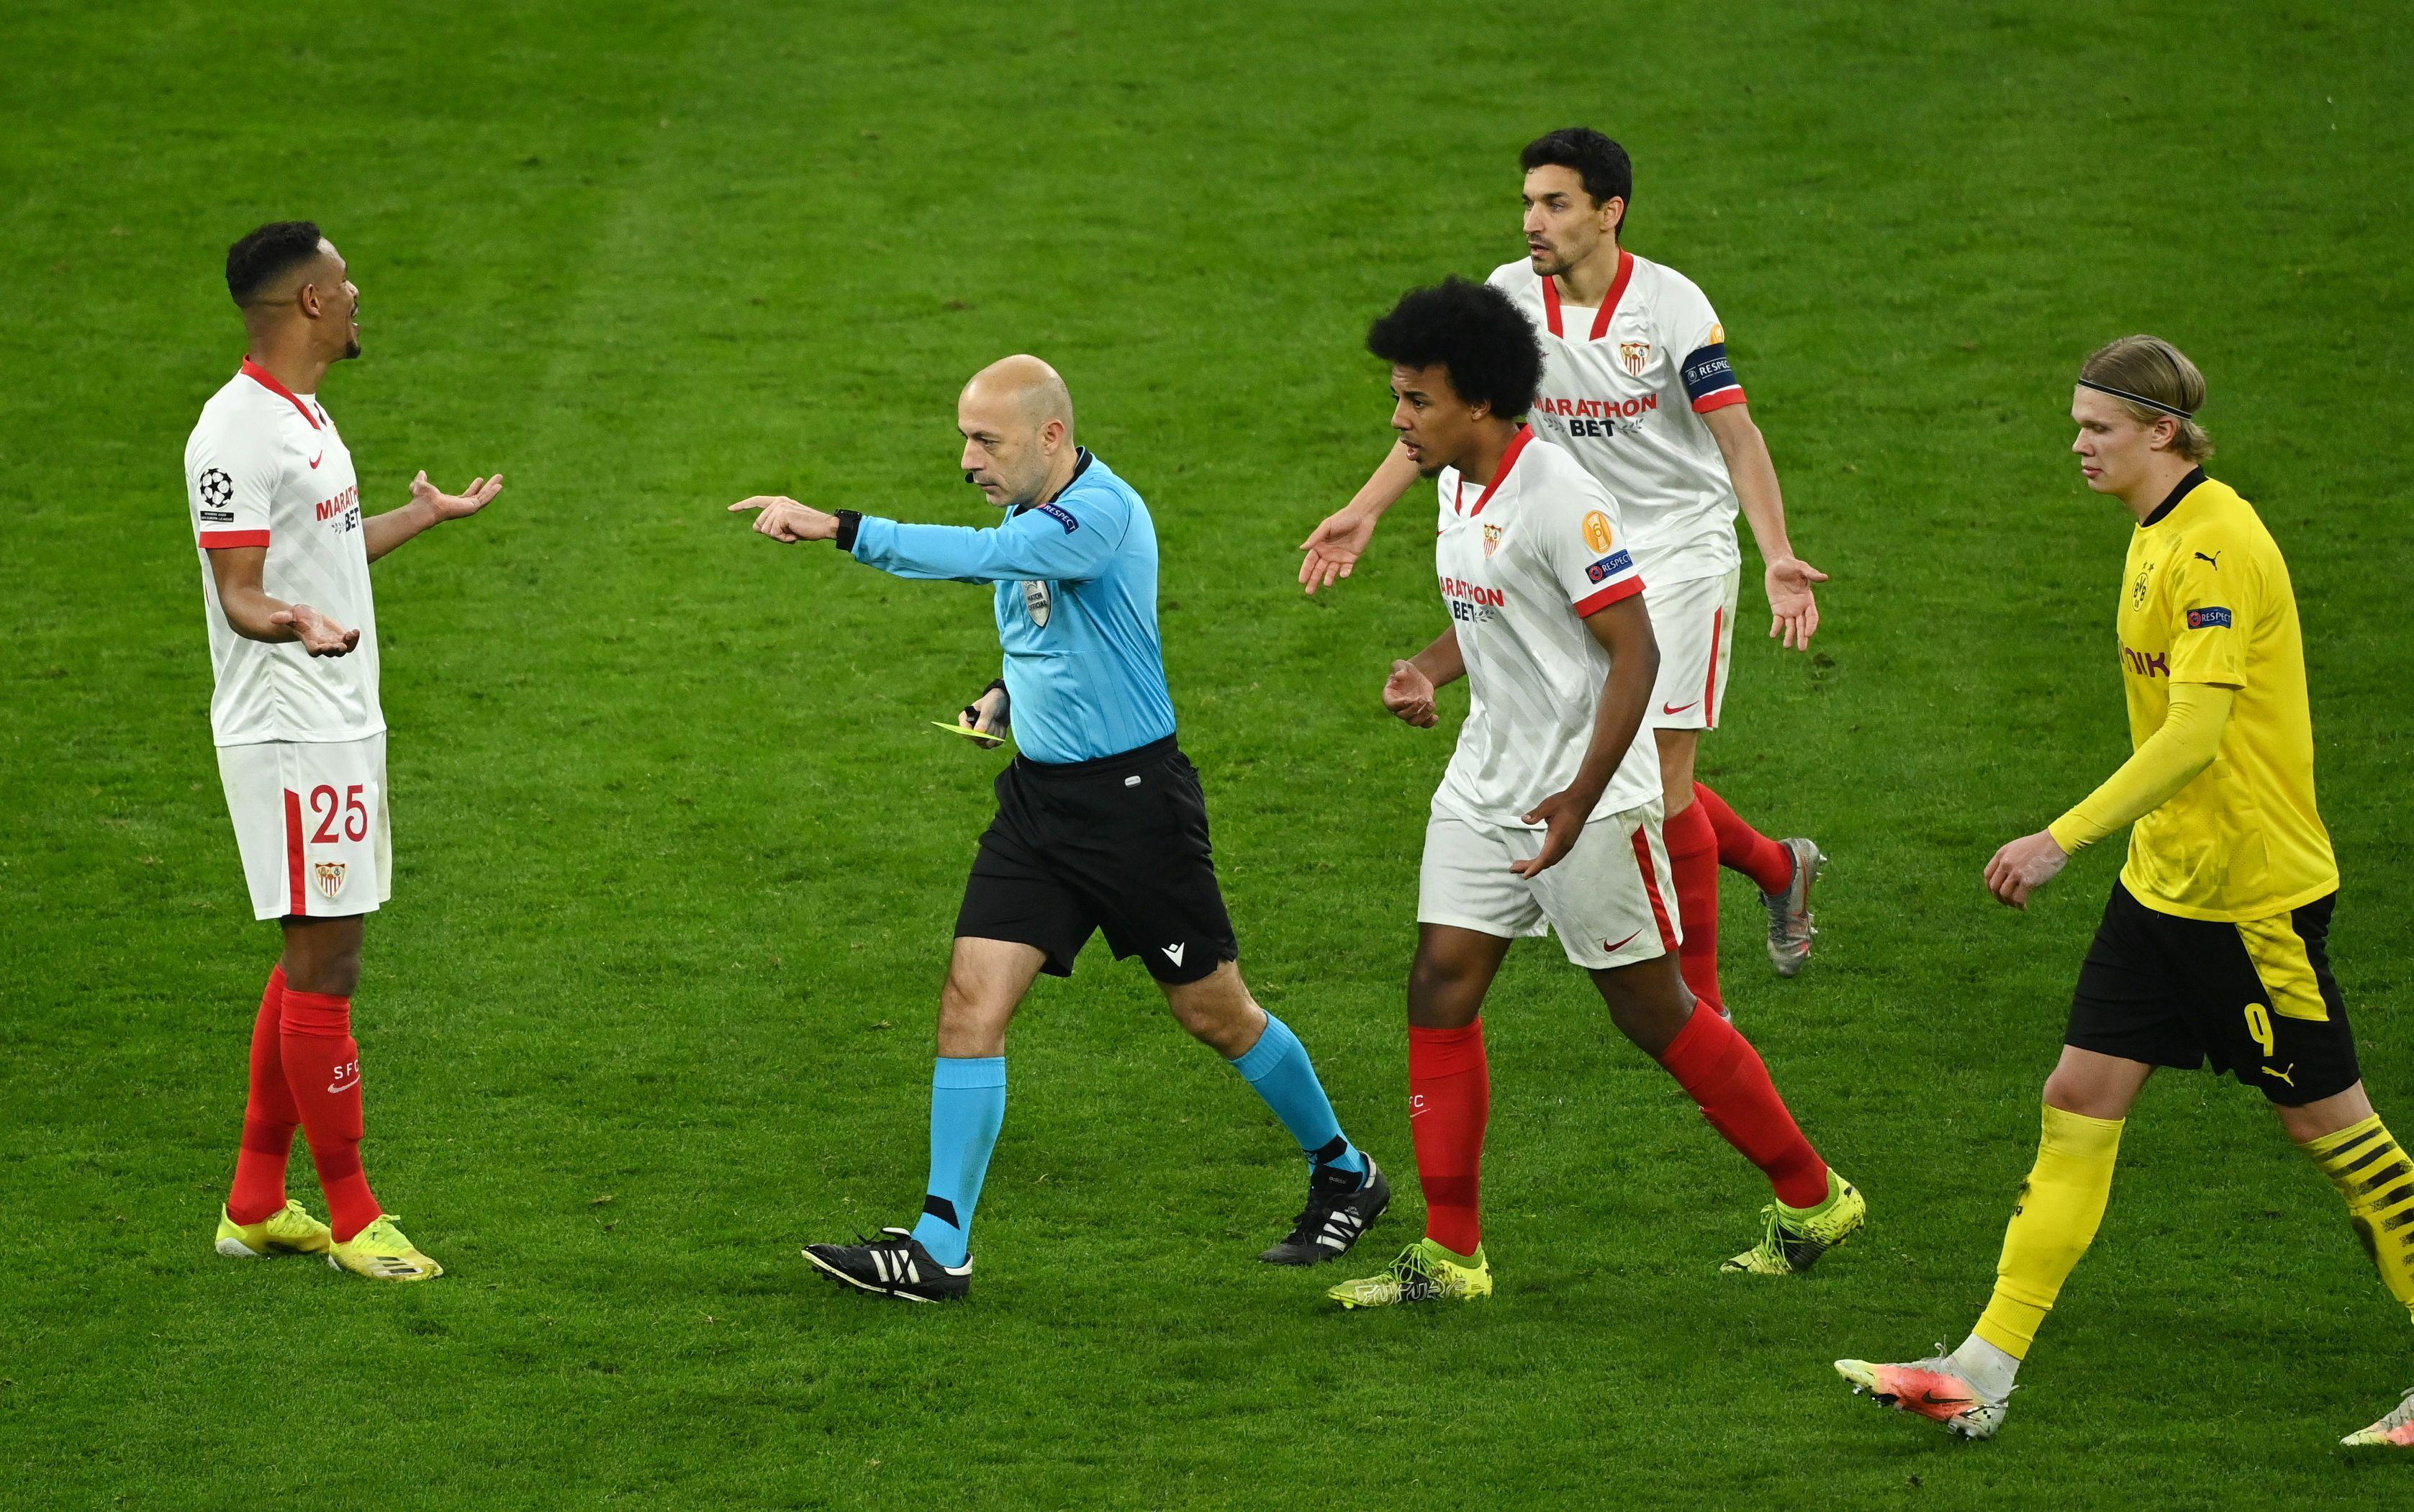 Una postal del cotejo en Dortmund: el reclamo de los jugadores del Sevilla ante el árbitro Cüneyt Çakir (REUTERS/Ina Fassbender).